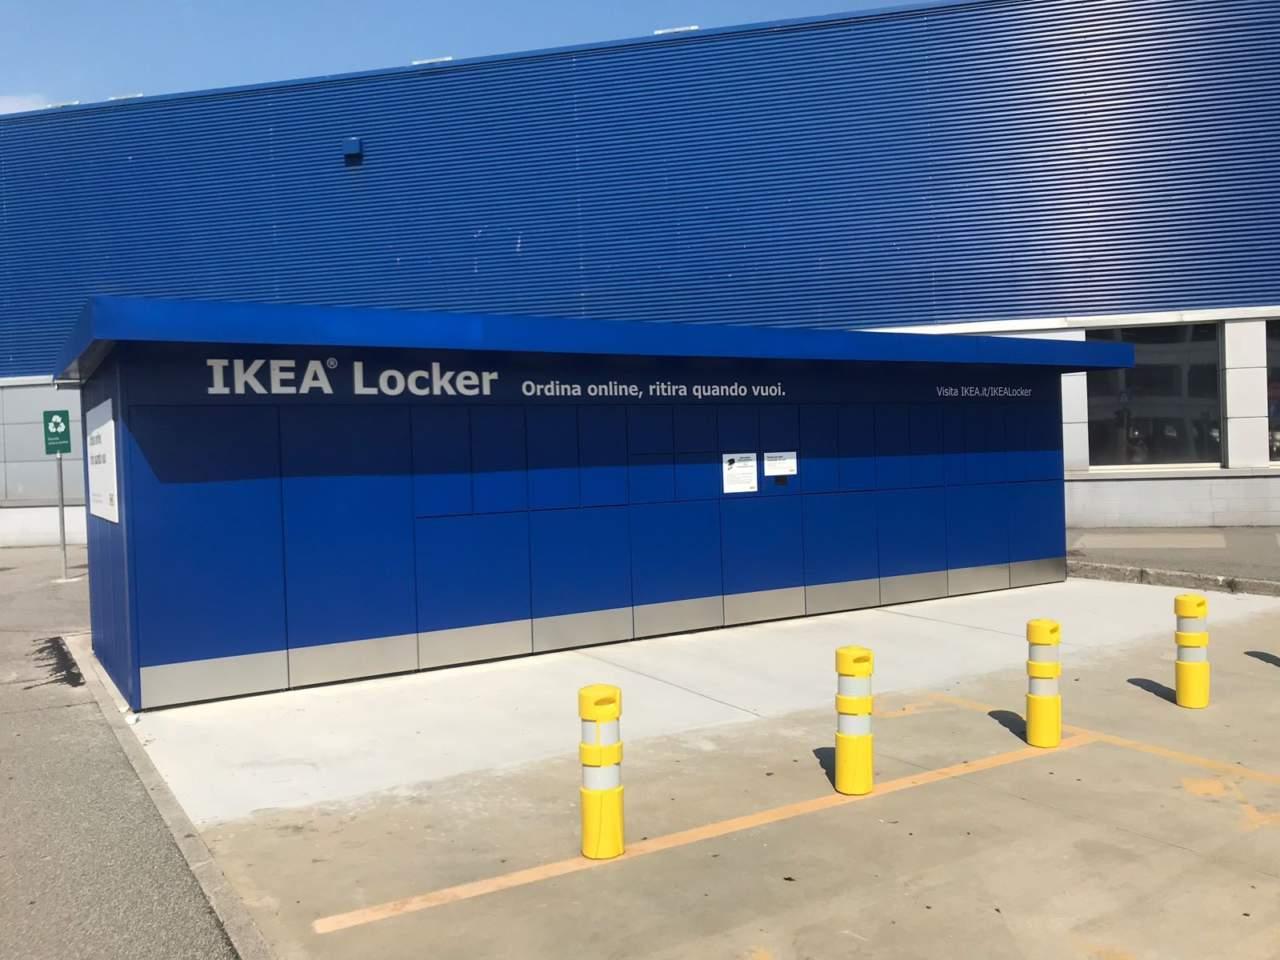 Ikea A Milano Arrivano I Locker